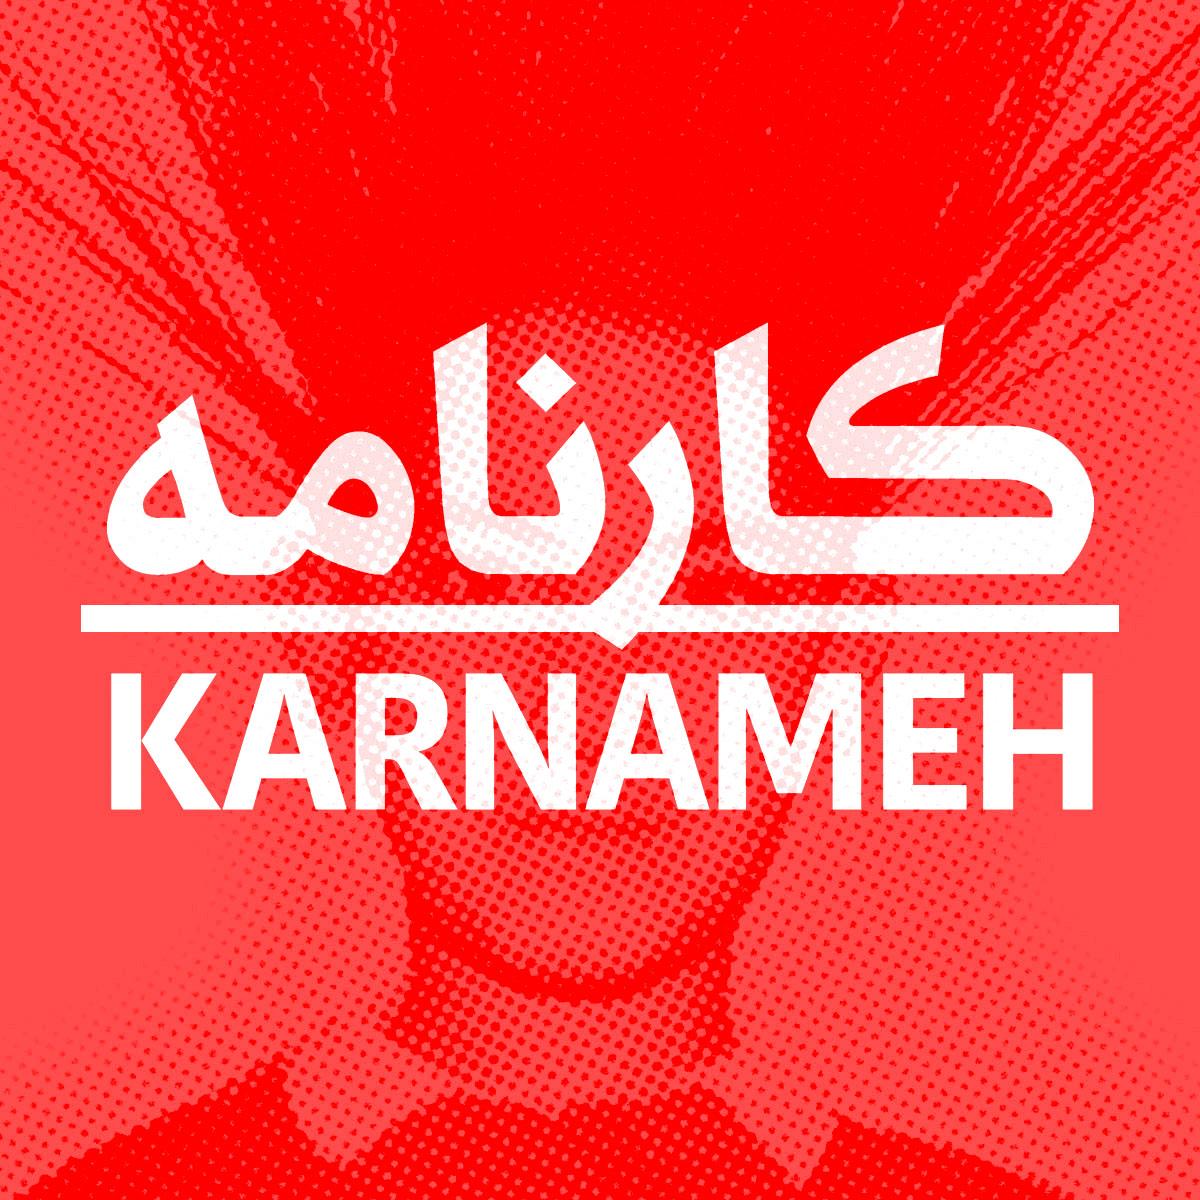 Karnameh